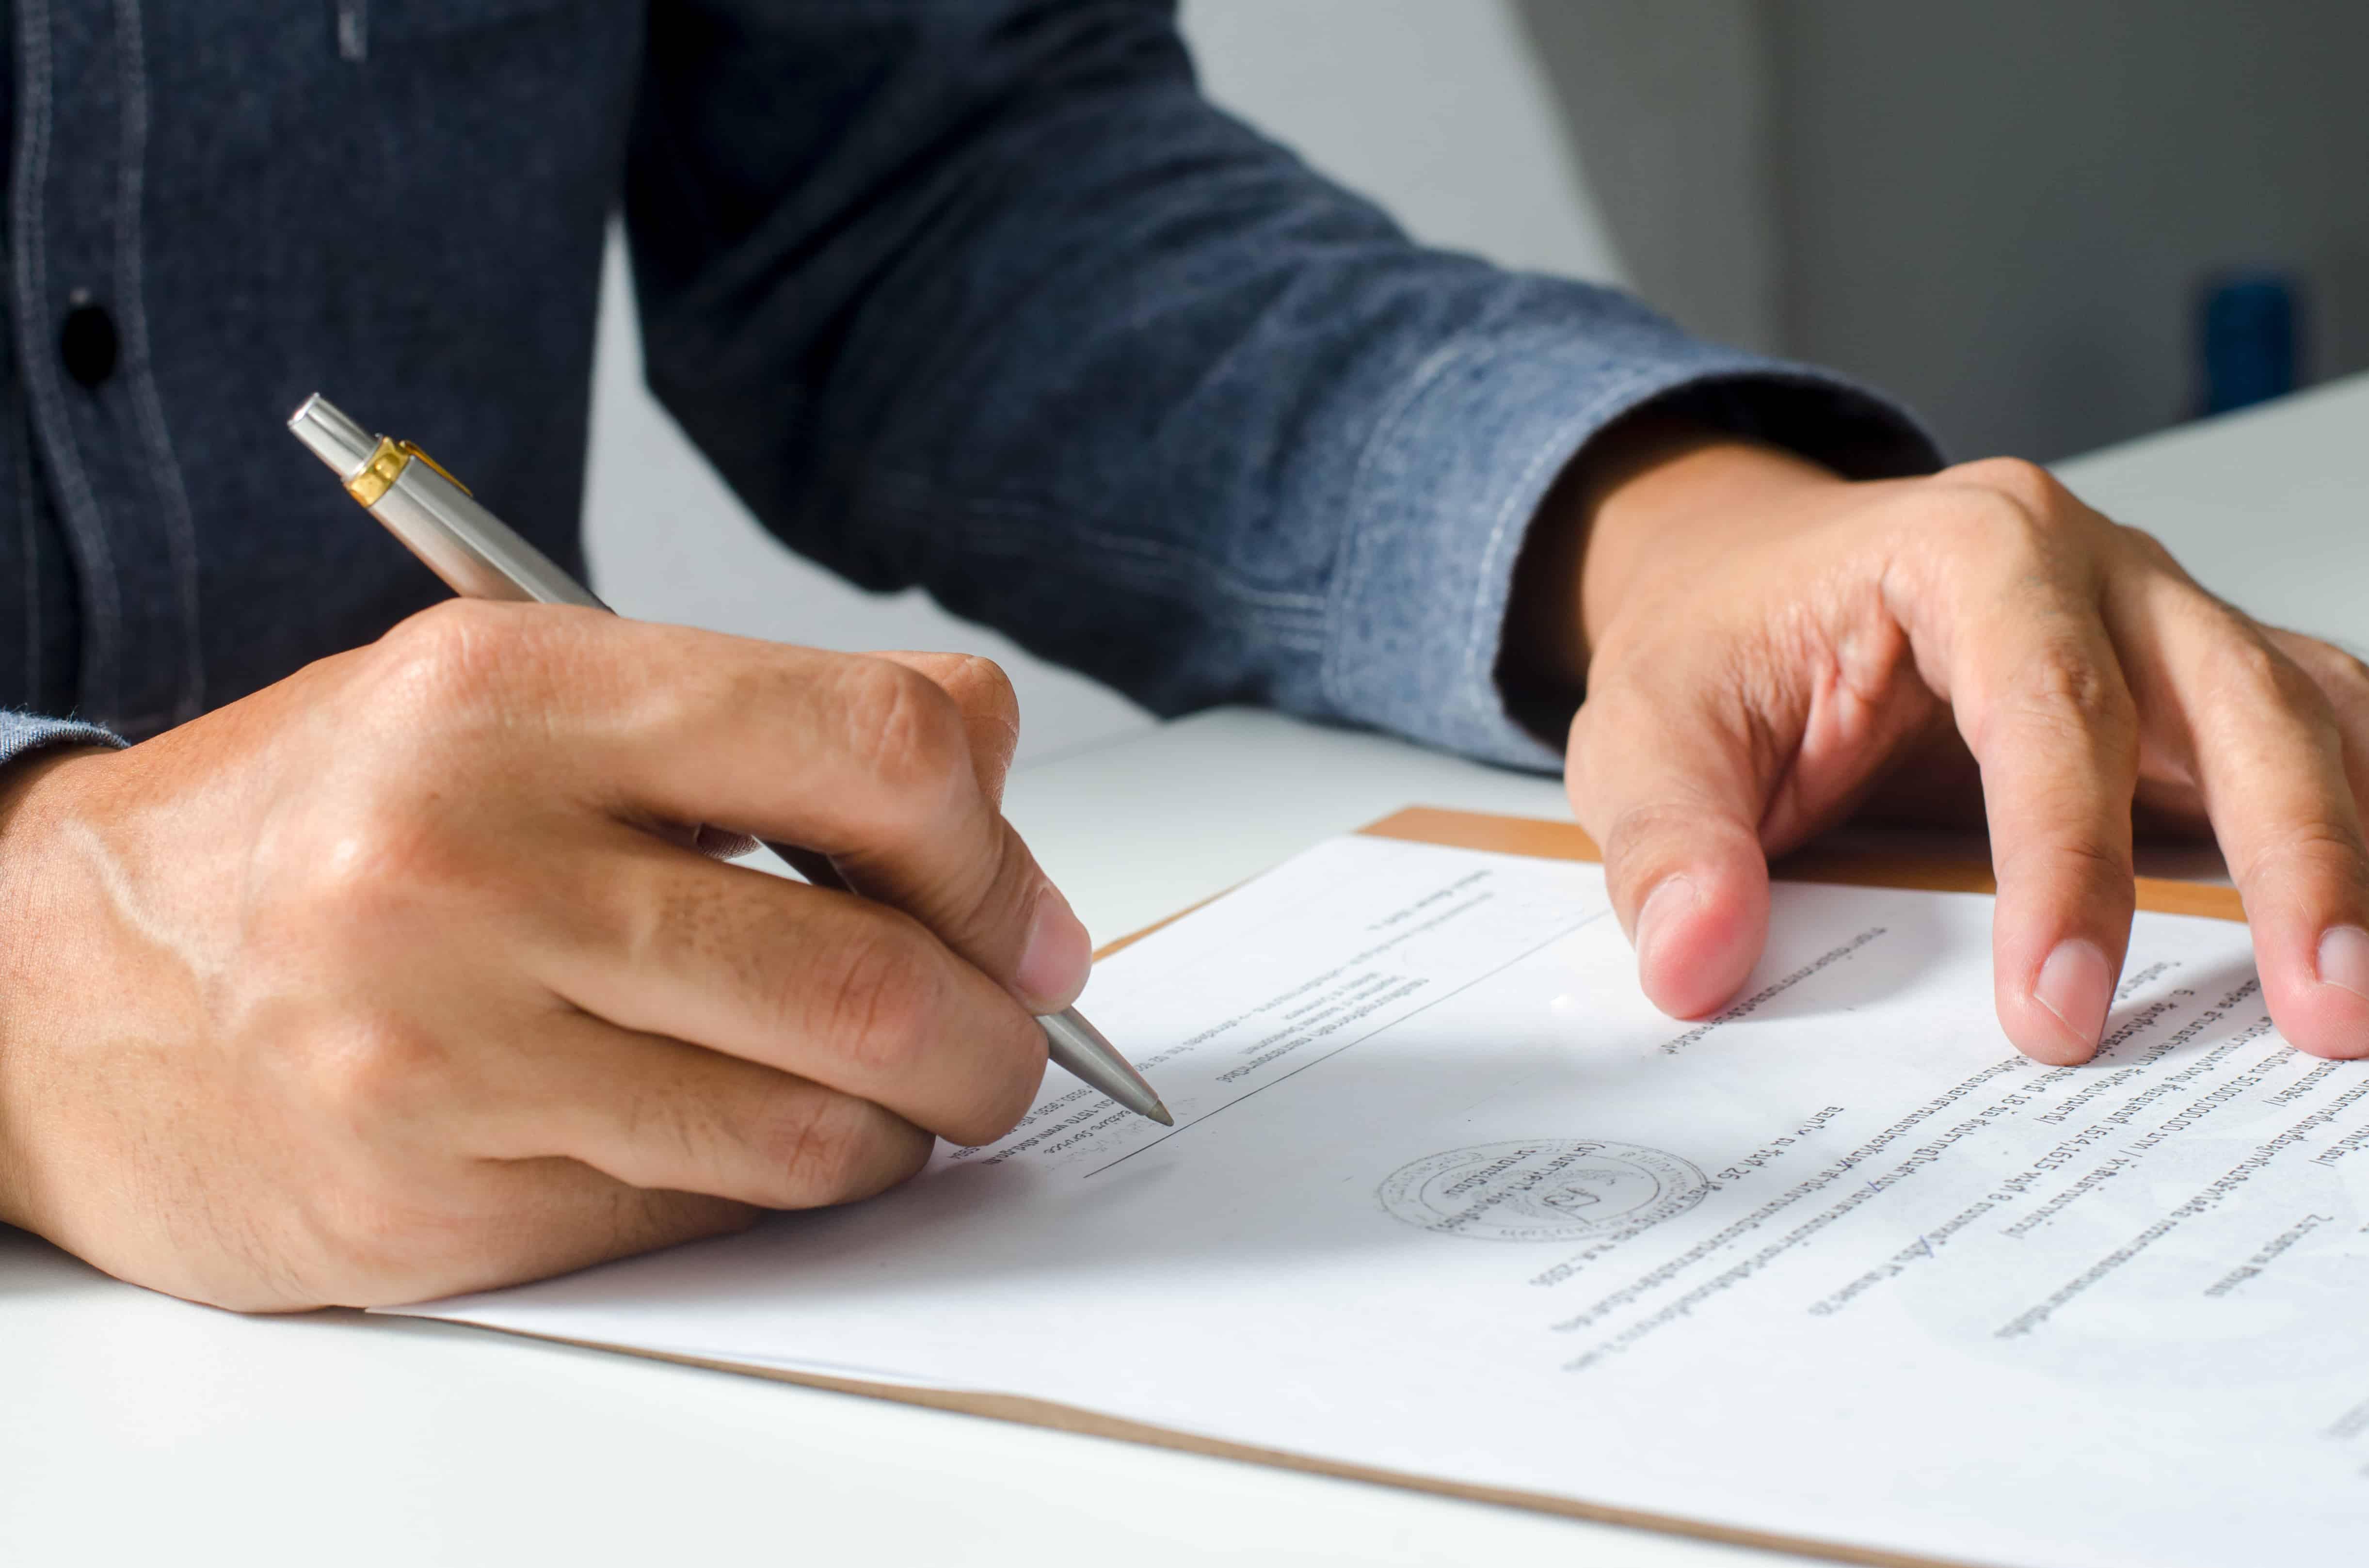 Nieważność, przedawnienie i odstąpienie. Co warto wiedzieć o umowie pożyczki?